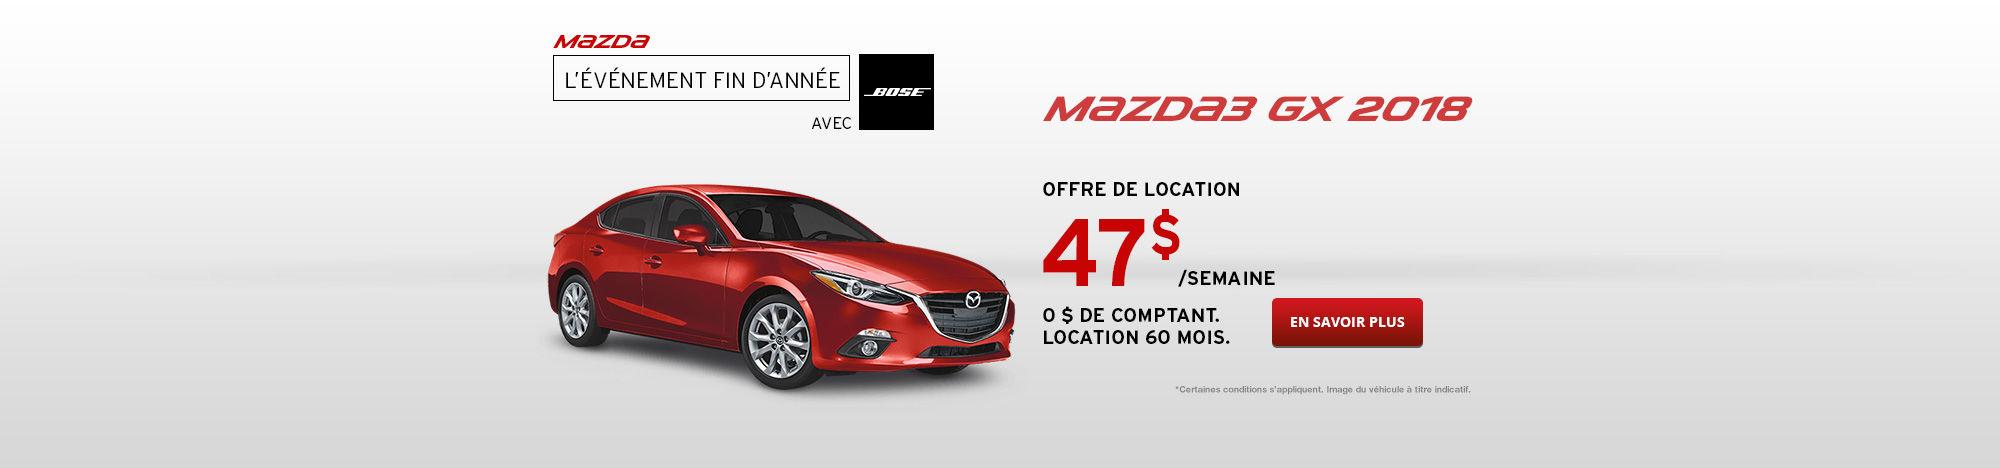 Passez à Mazda3